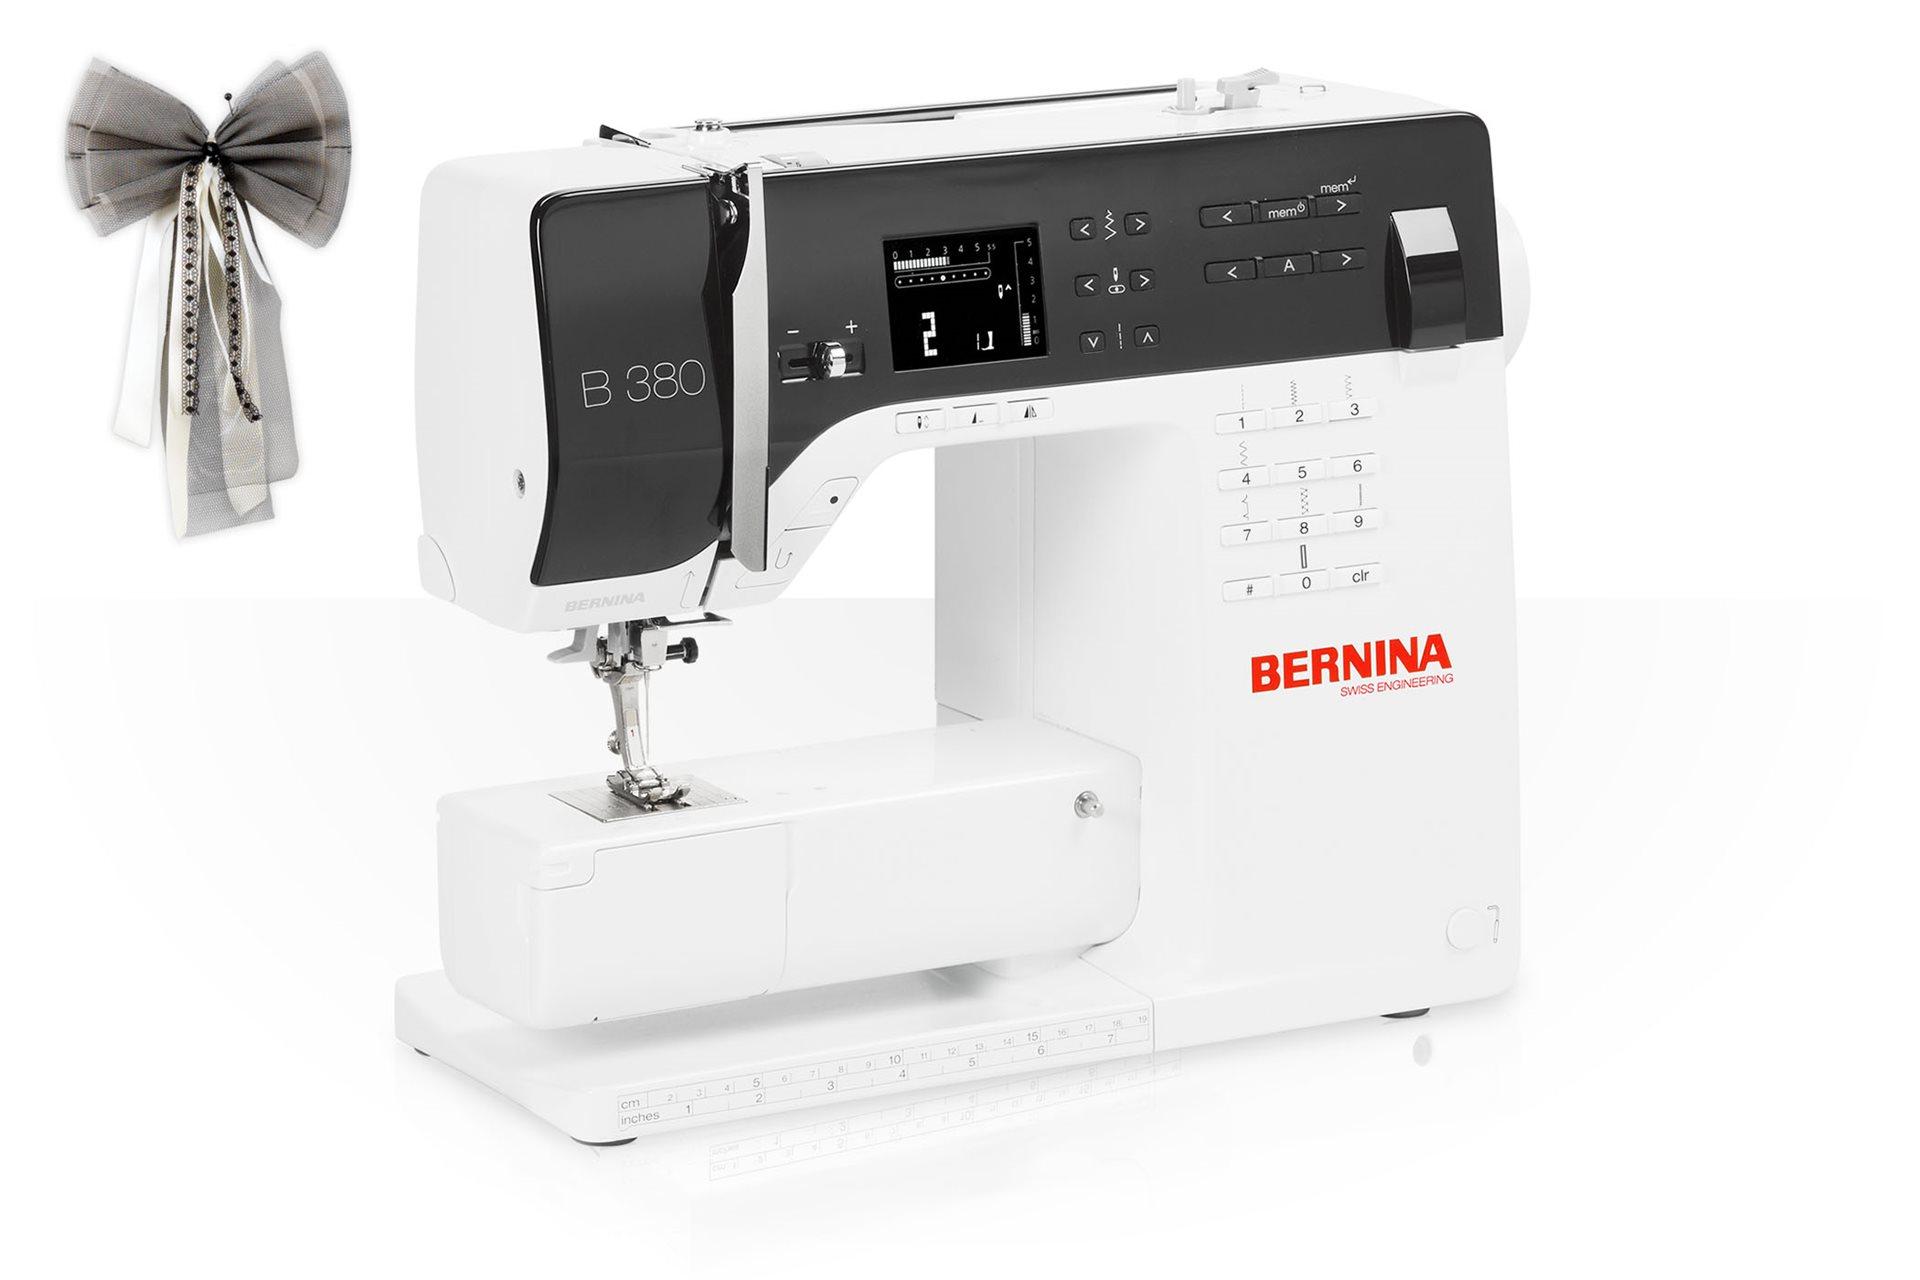 BERNINA 380 - Tutoriales - BERNINA